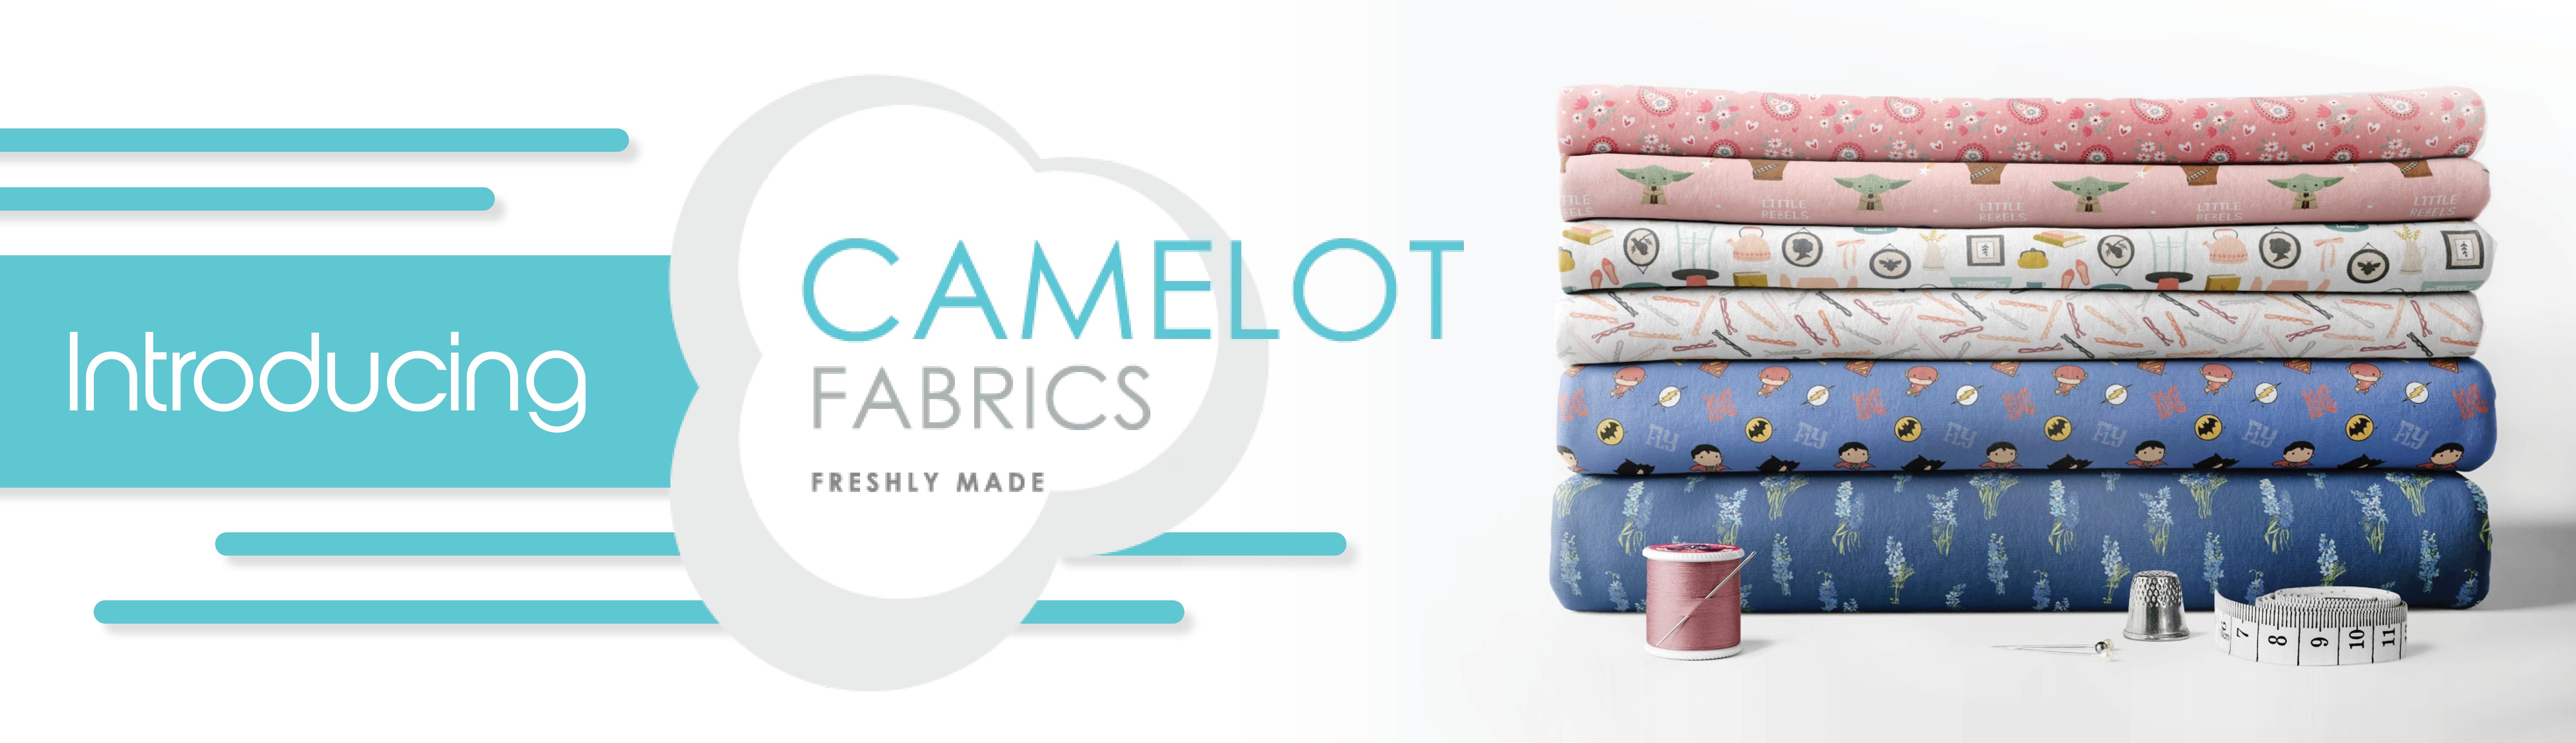 Introducing Camelot Fabrics